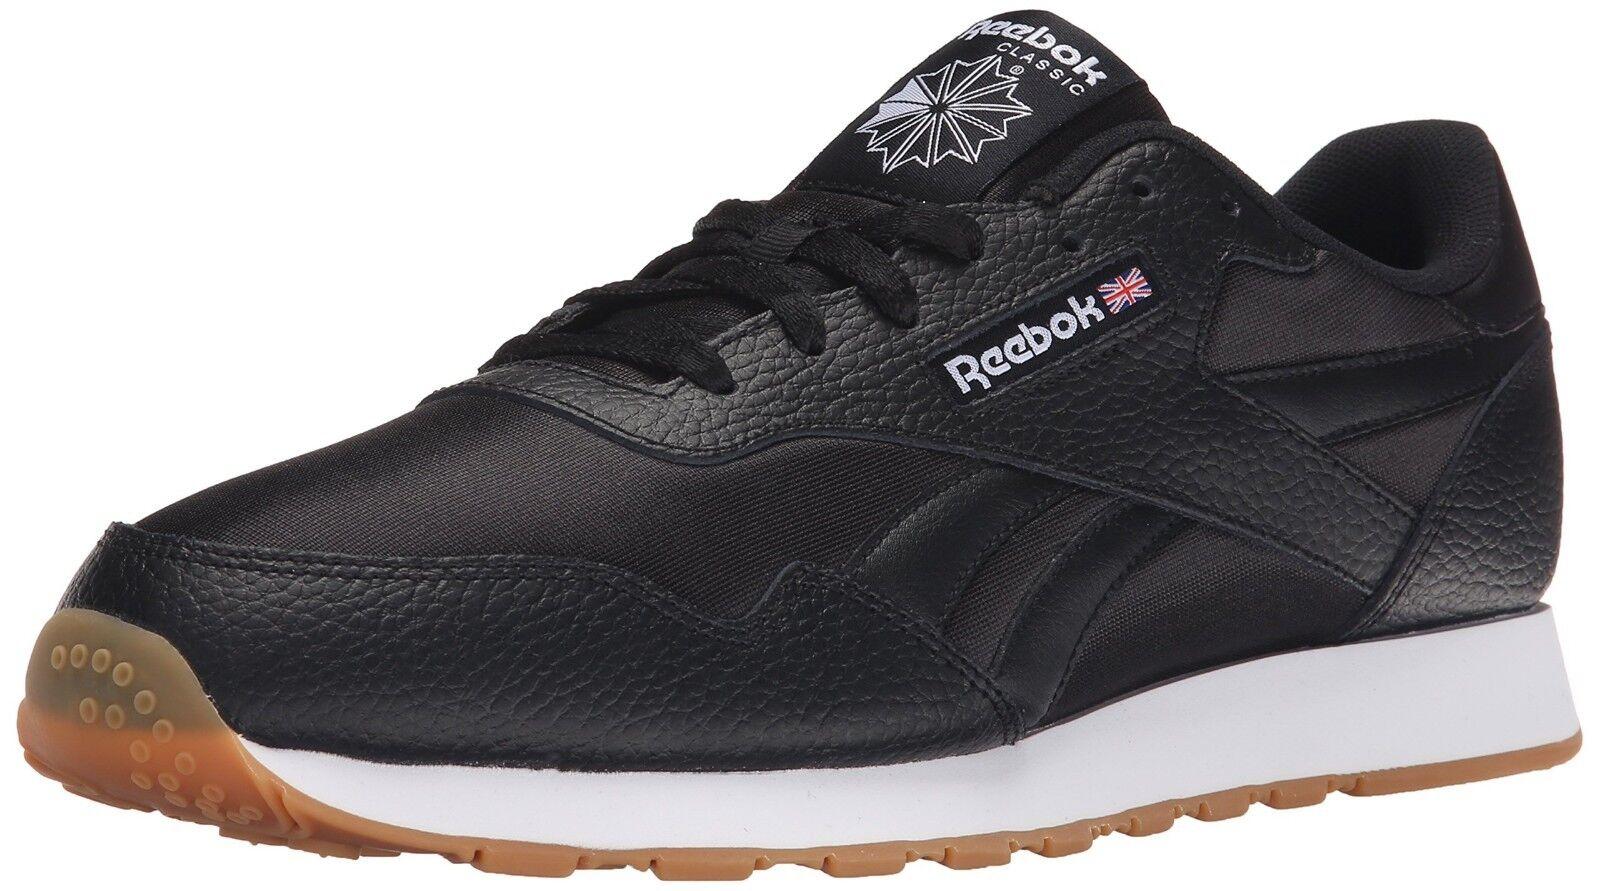 Reebok Royal Nylon Negro Goma Goma Goma Cuero Zapatos para hombre Nuevo en Caja 100% 30db82